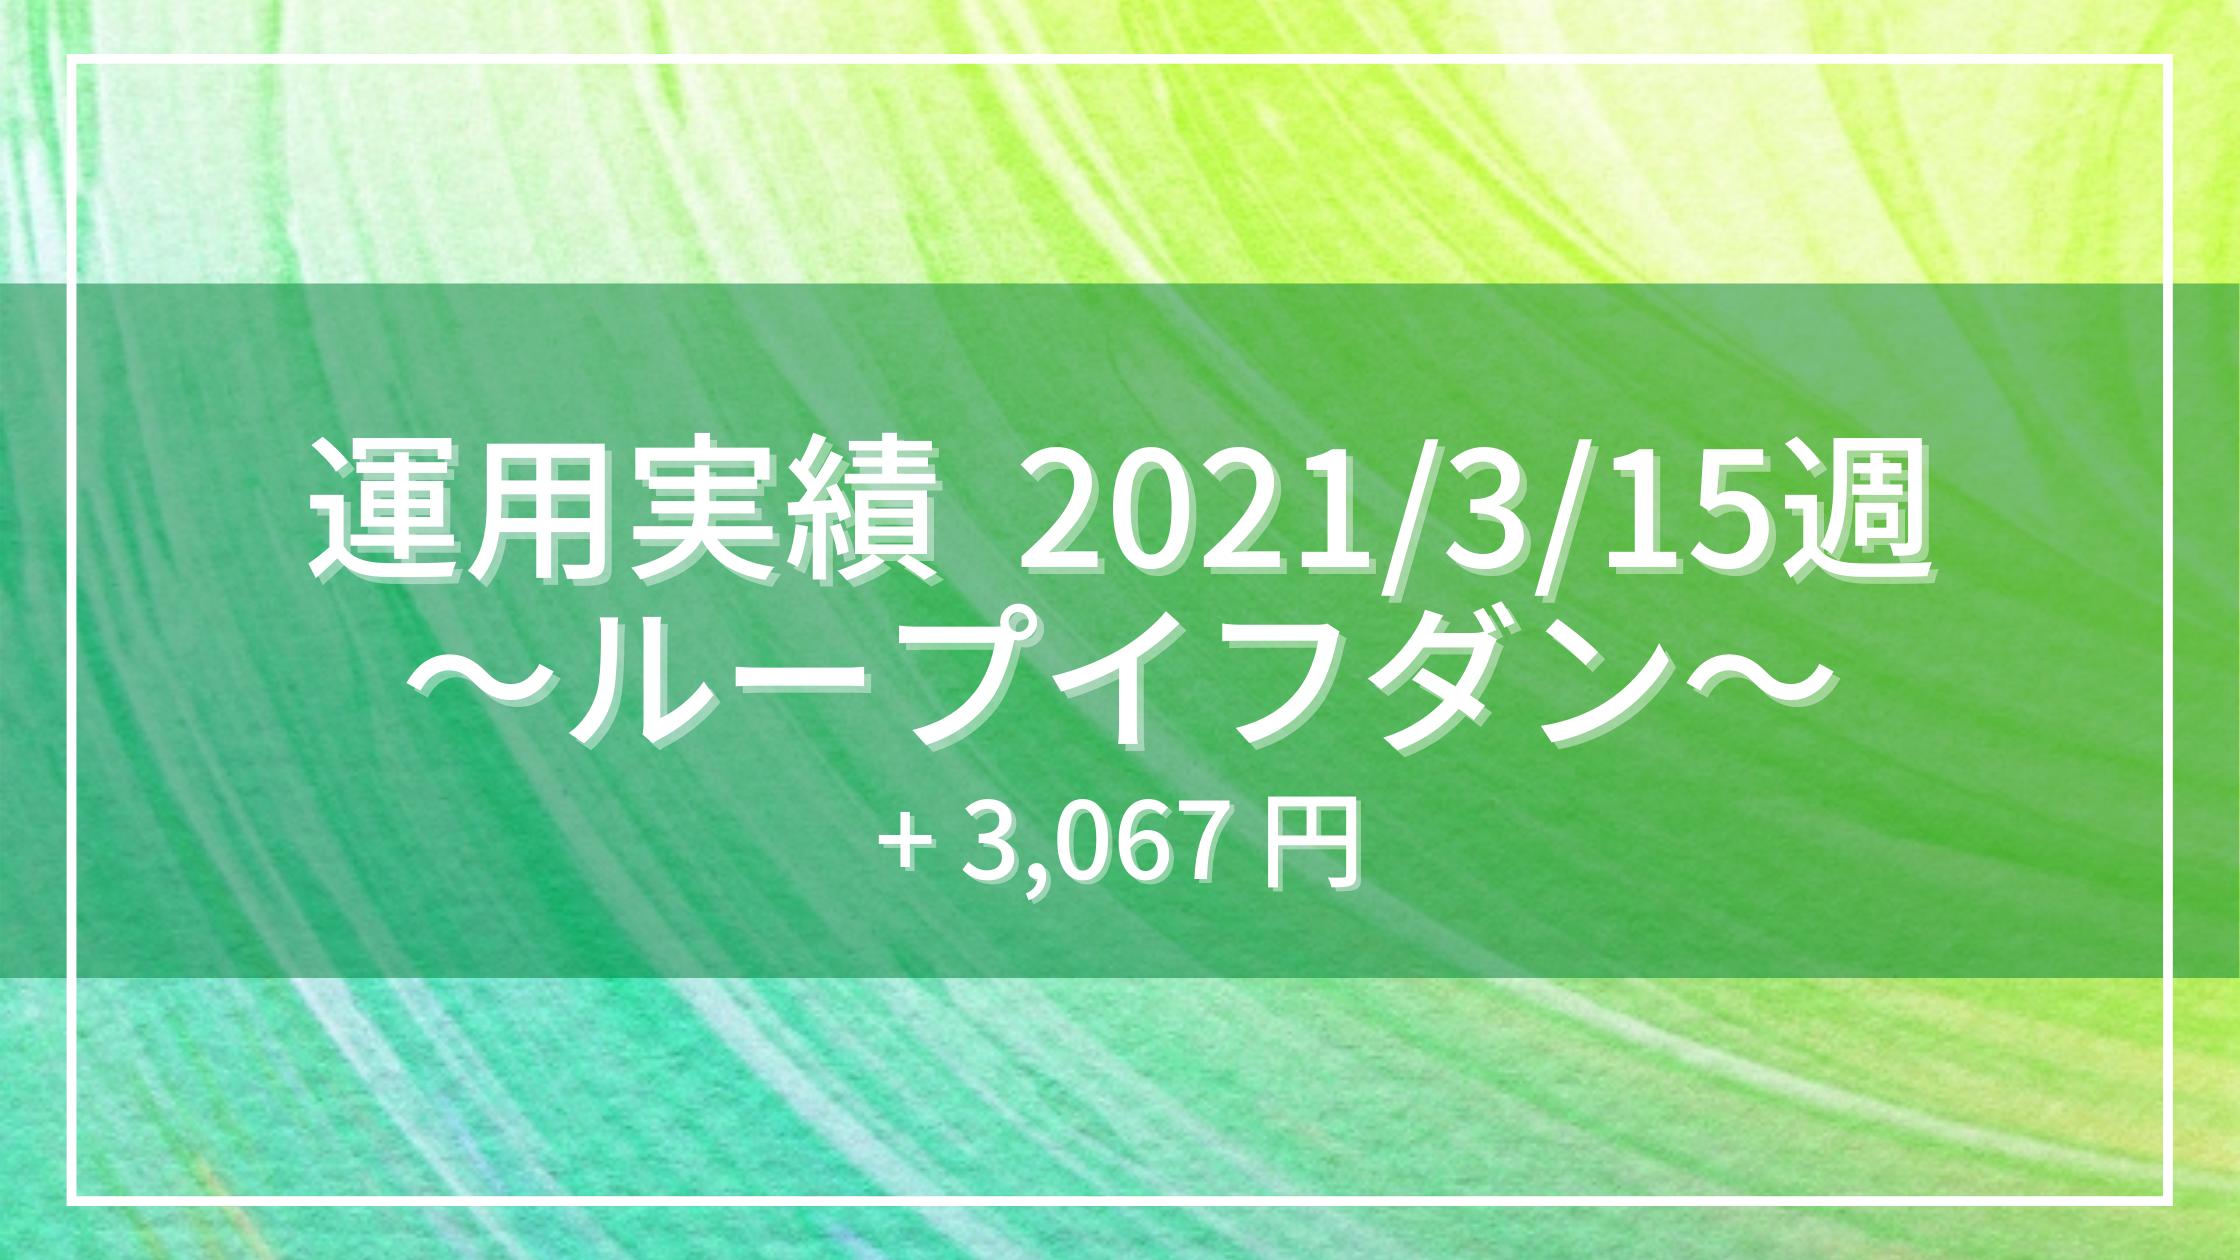 20210315_運用実績_ループイフダン